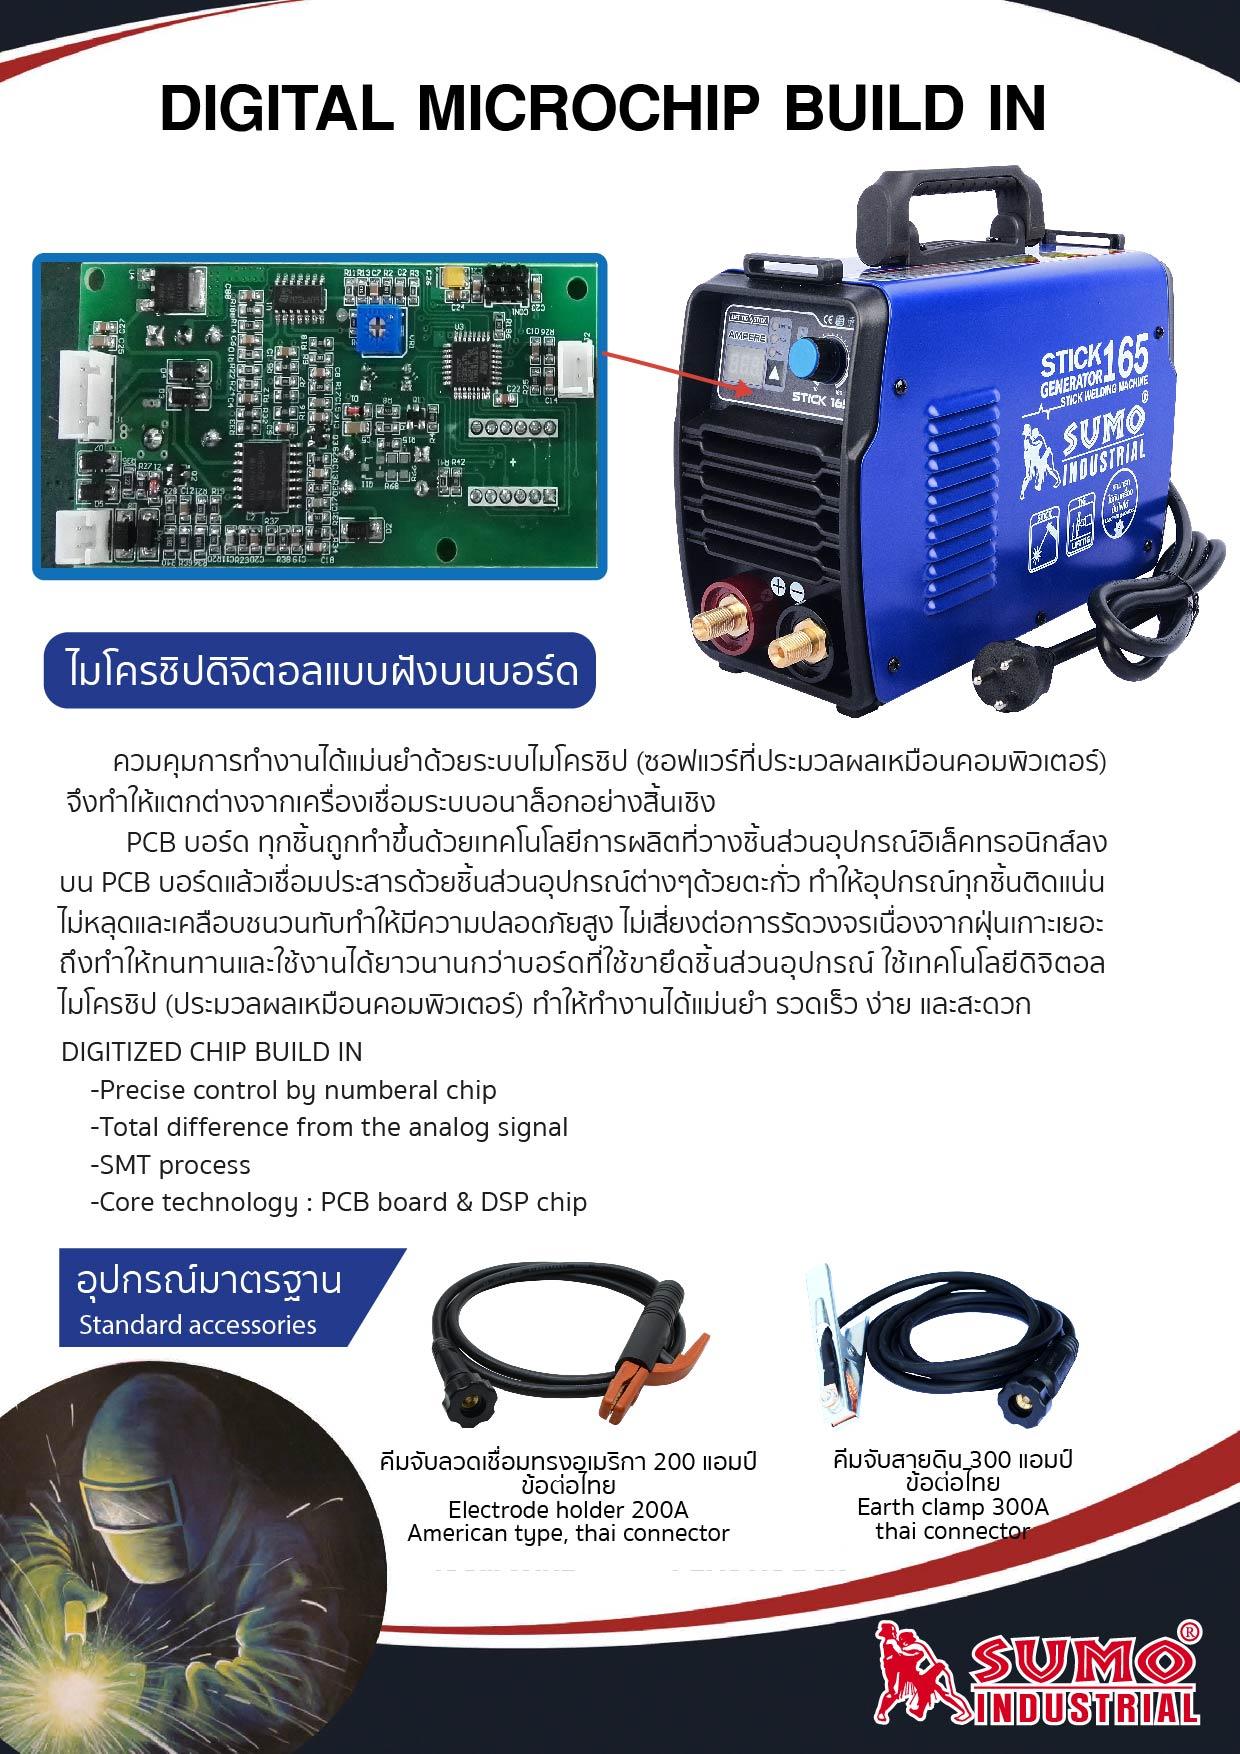 เครื่องเชื่อมไฟฟ้า Stick 165